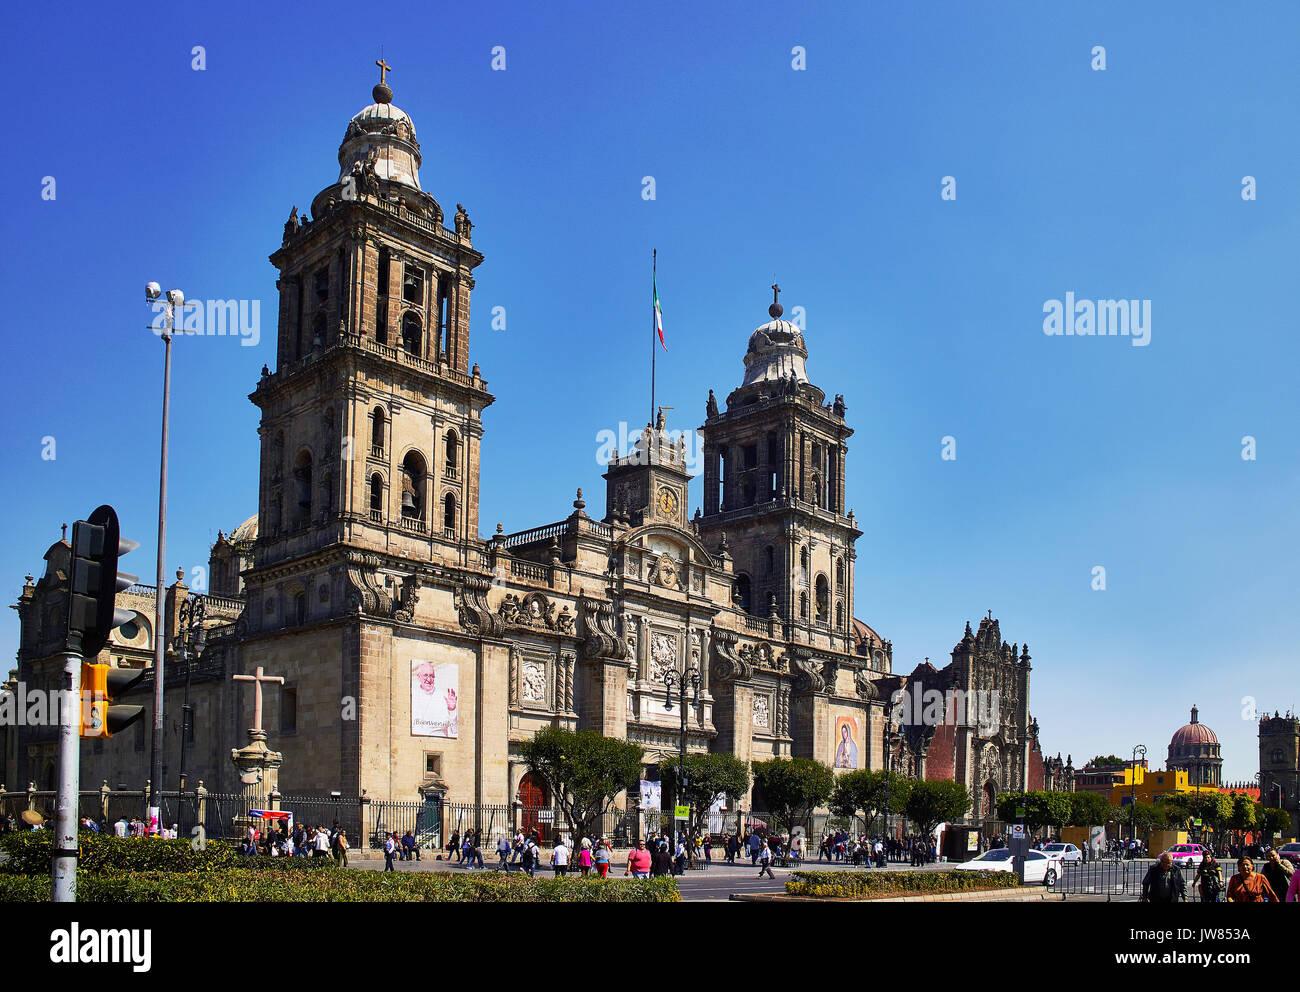 América; México; Ciudad de México; Centro Histórico; el Zócalo o plaza de la Constitución; la catedral y el sagrario Imagen De Stock